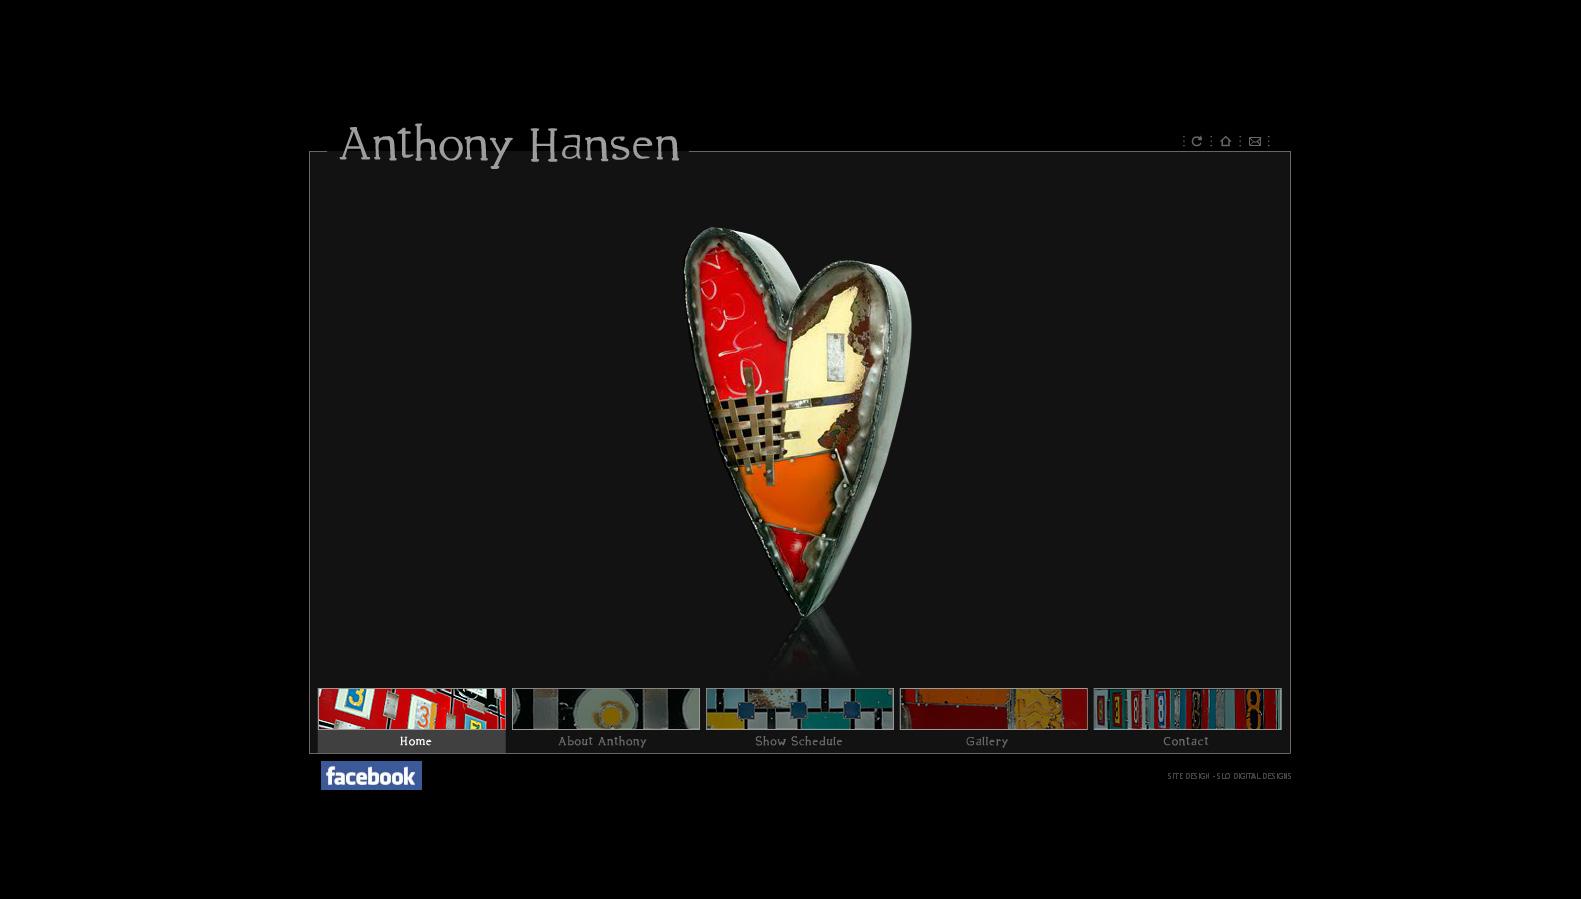 Anthony Hansen